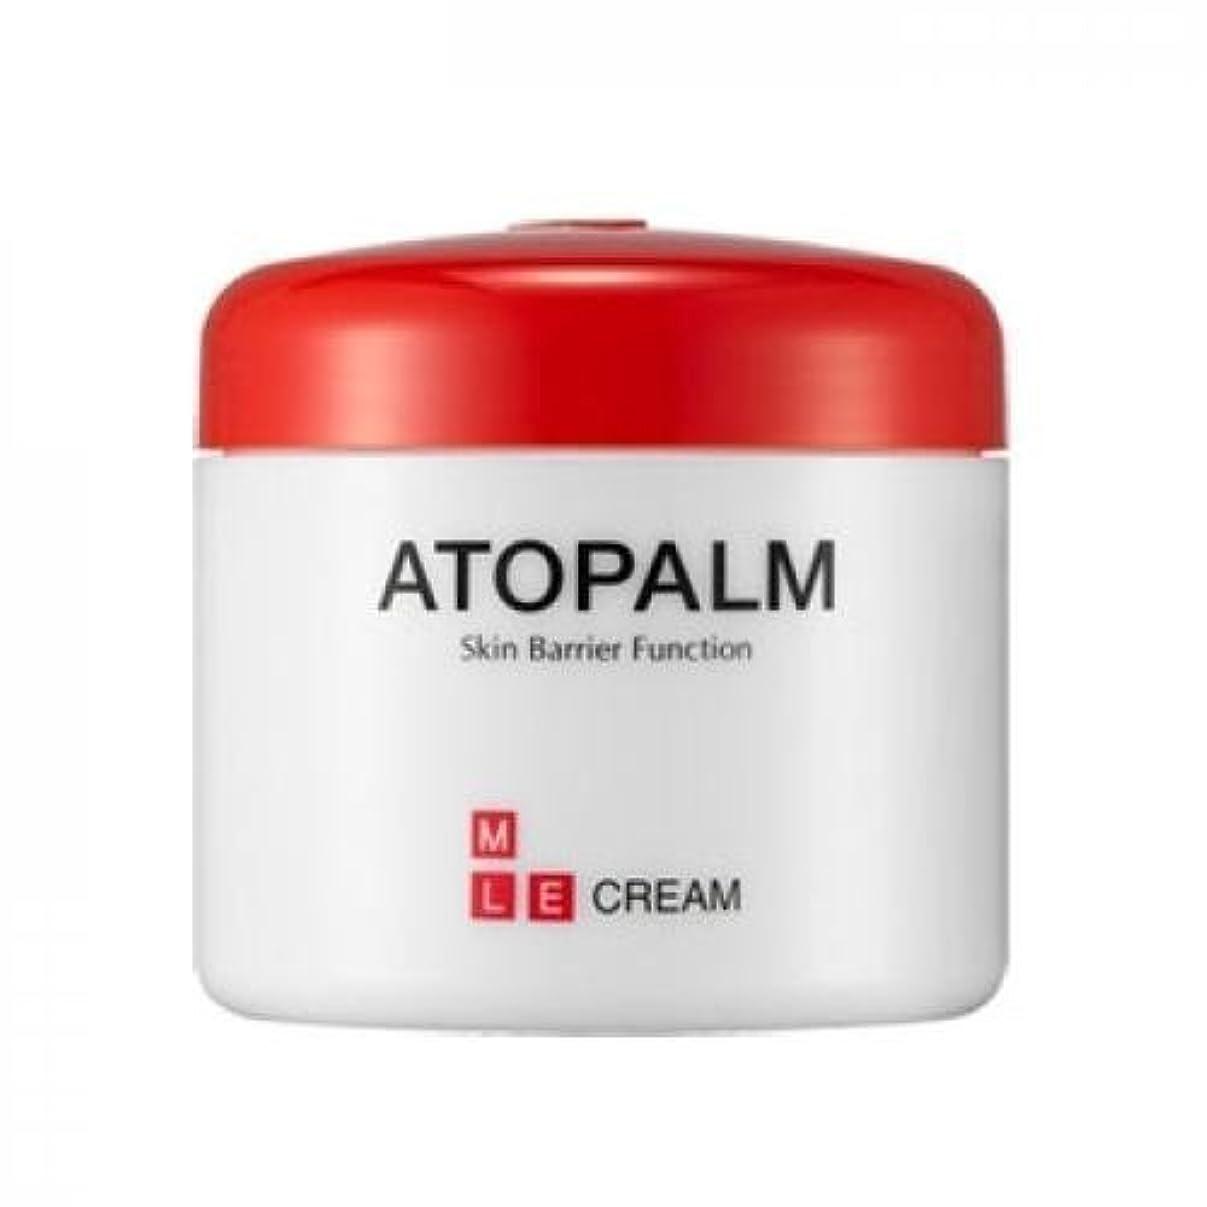 説明する低い辞任するATOPALM MLE Cream (160ml) (Korean original)